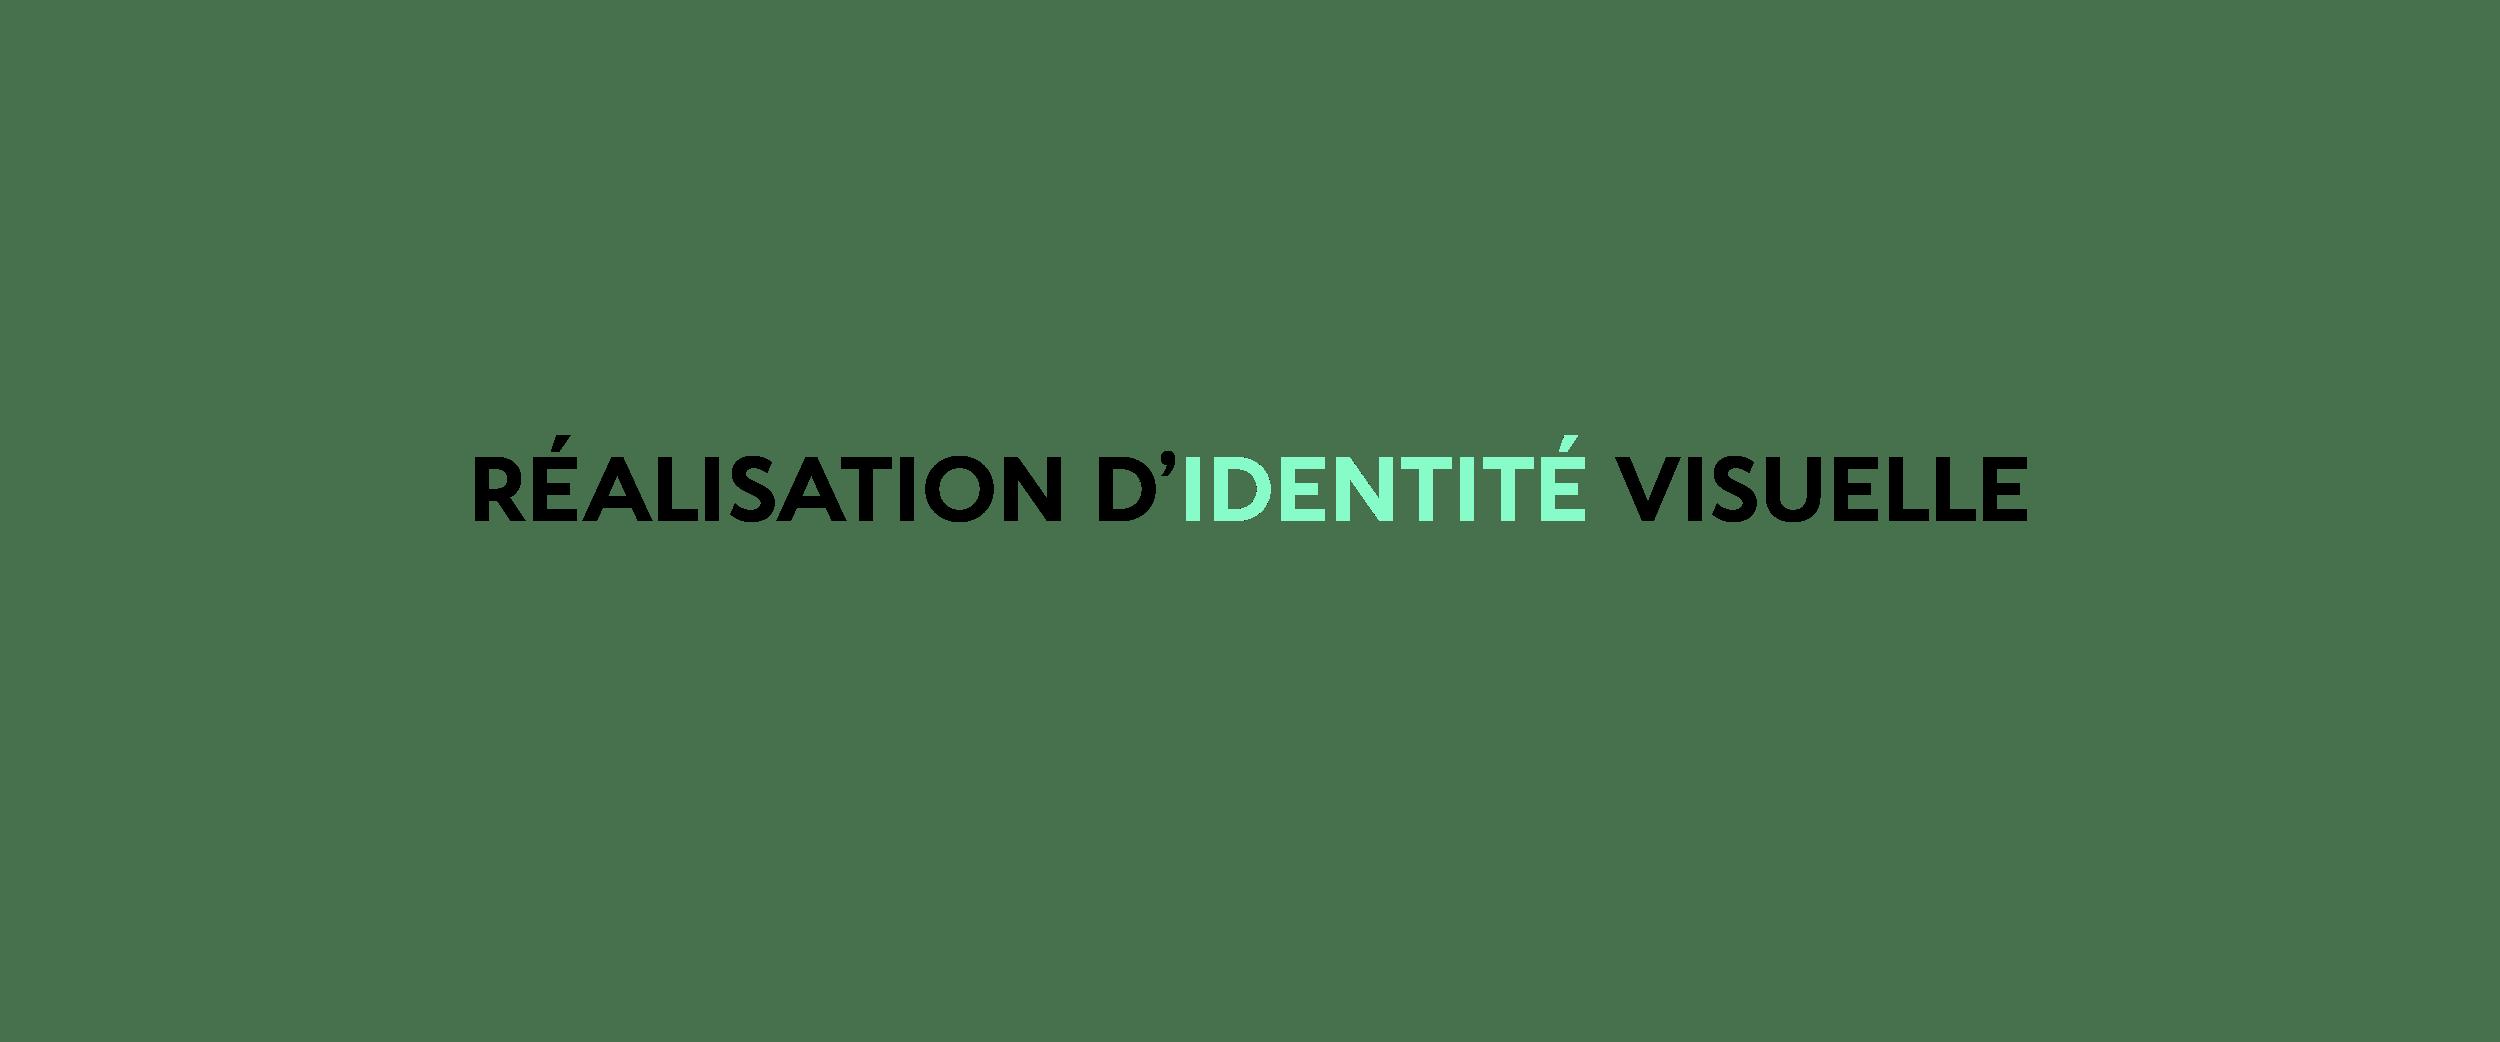 bannière-pontarlier-agence-de-communication-graphiste-graphisme-logo-identite-visuelle